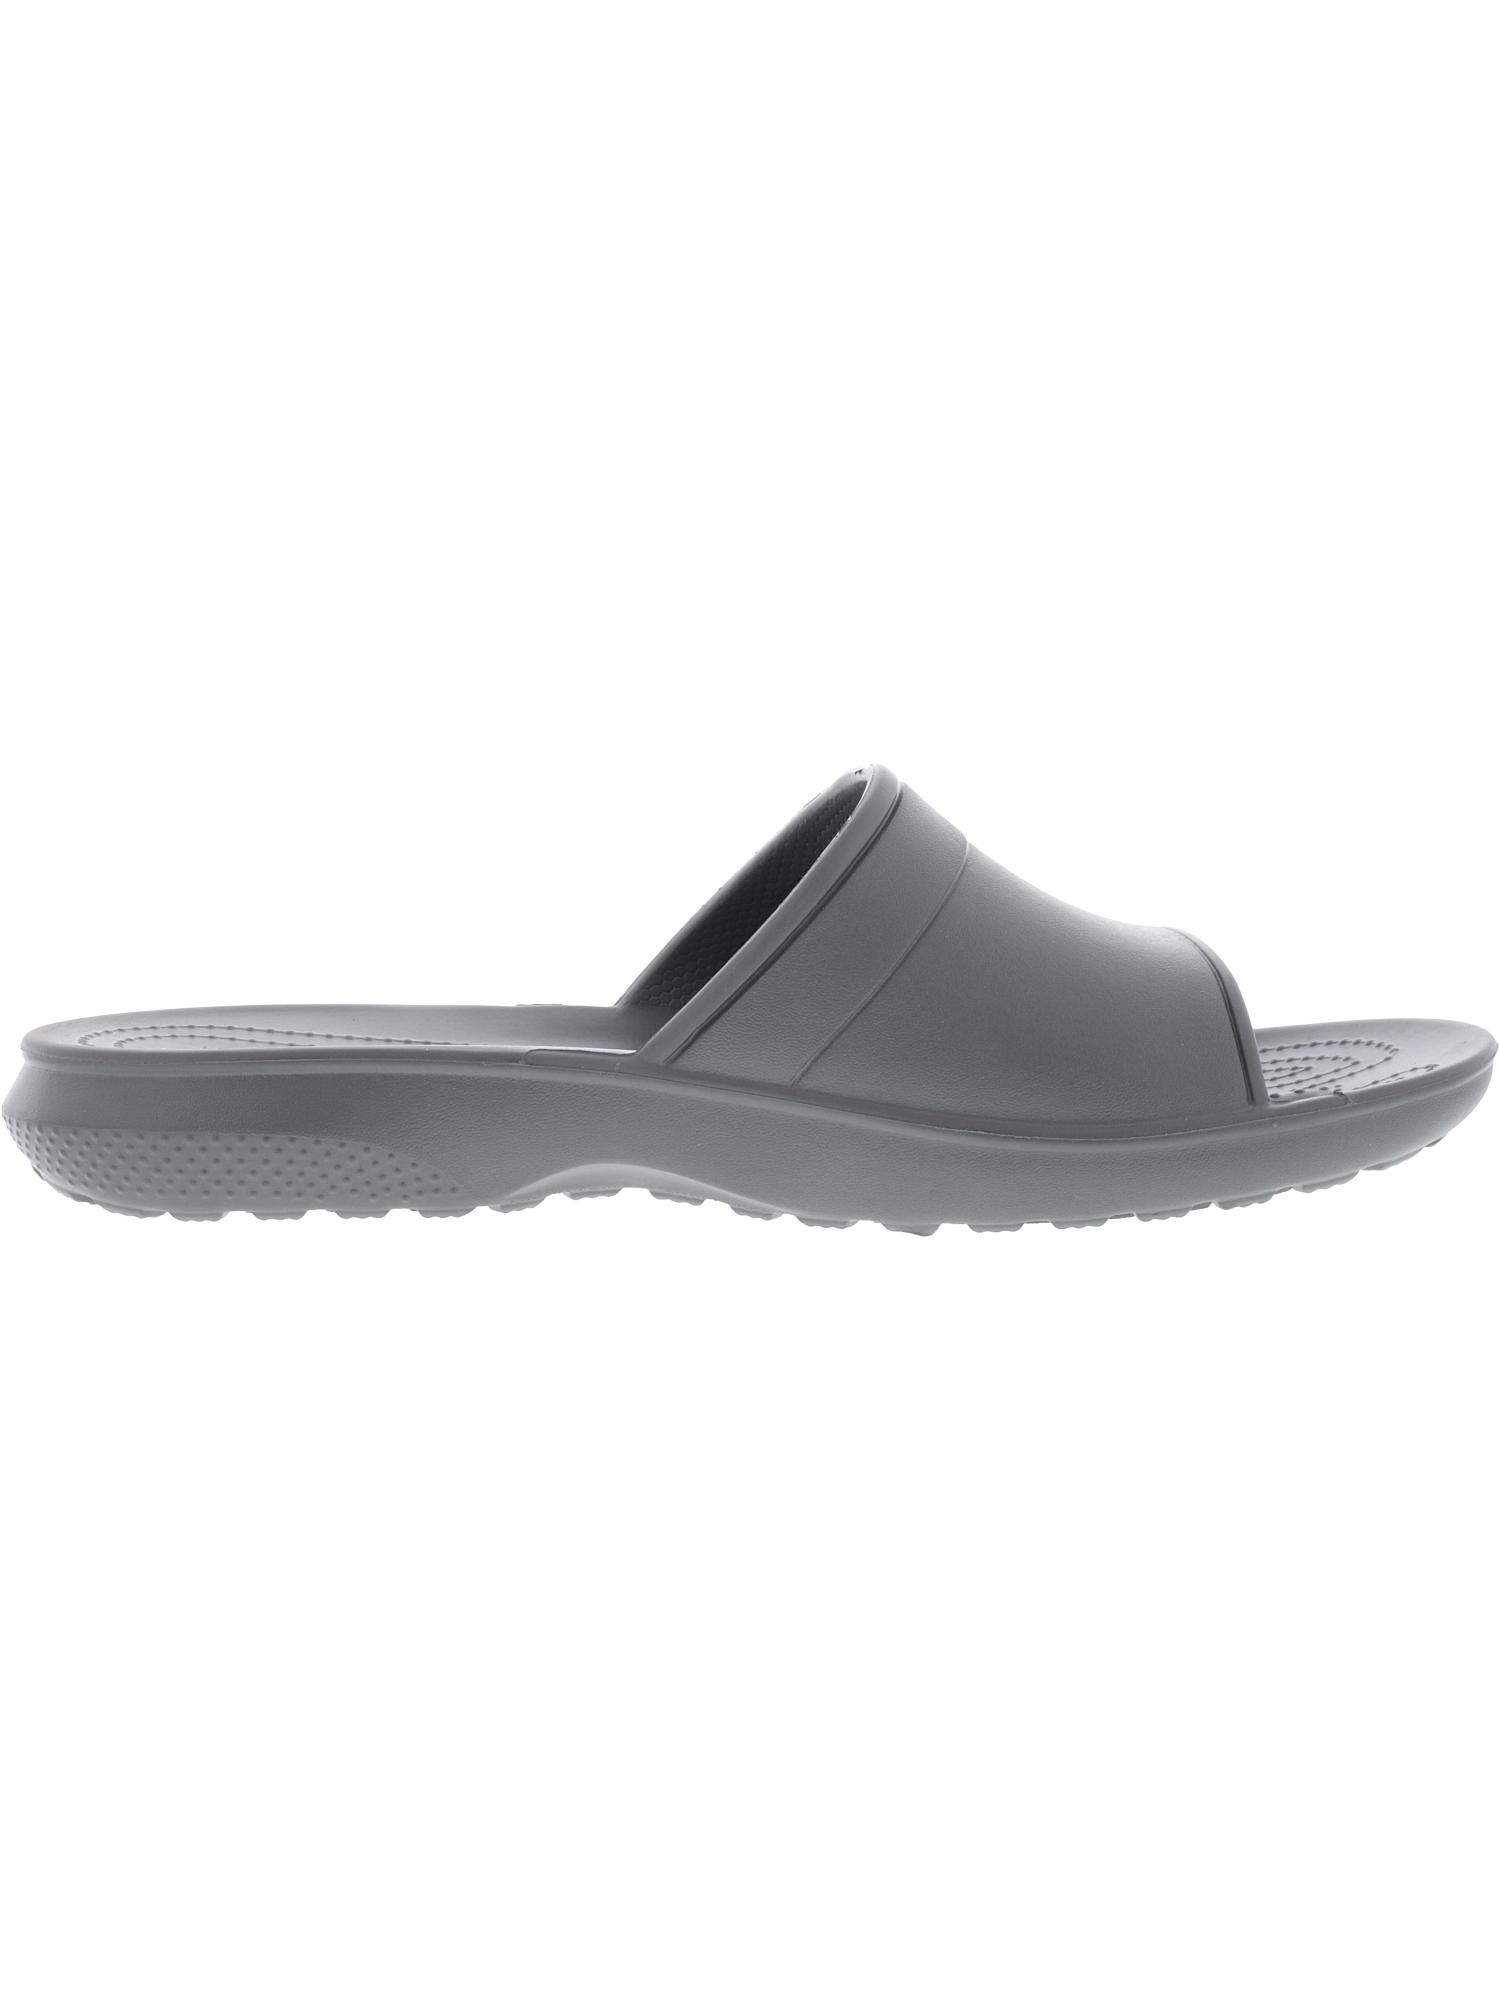 9658afeeaa911f Crocs Classic Slide Slate Grey Low Top Rubber Sandal - 13m   11m